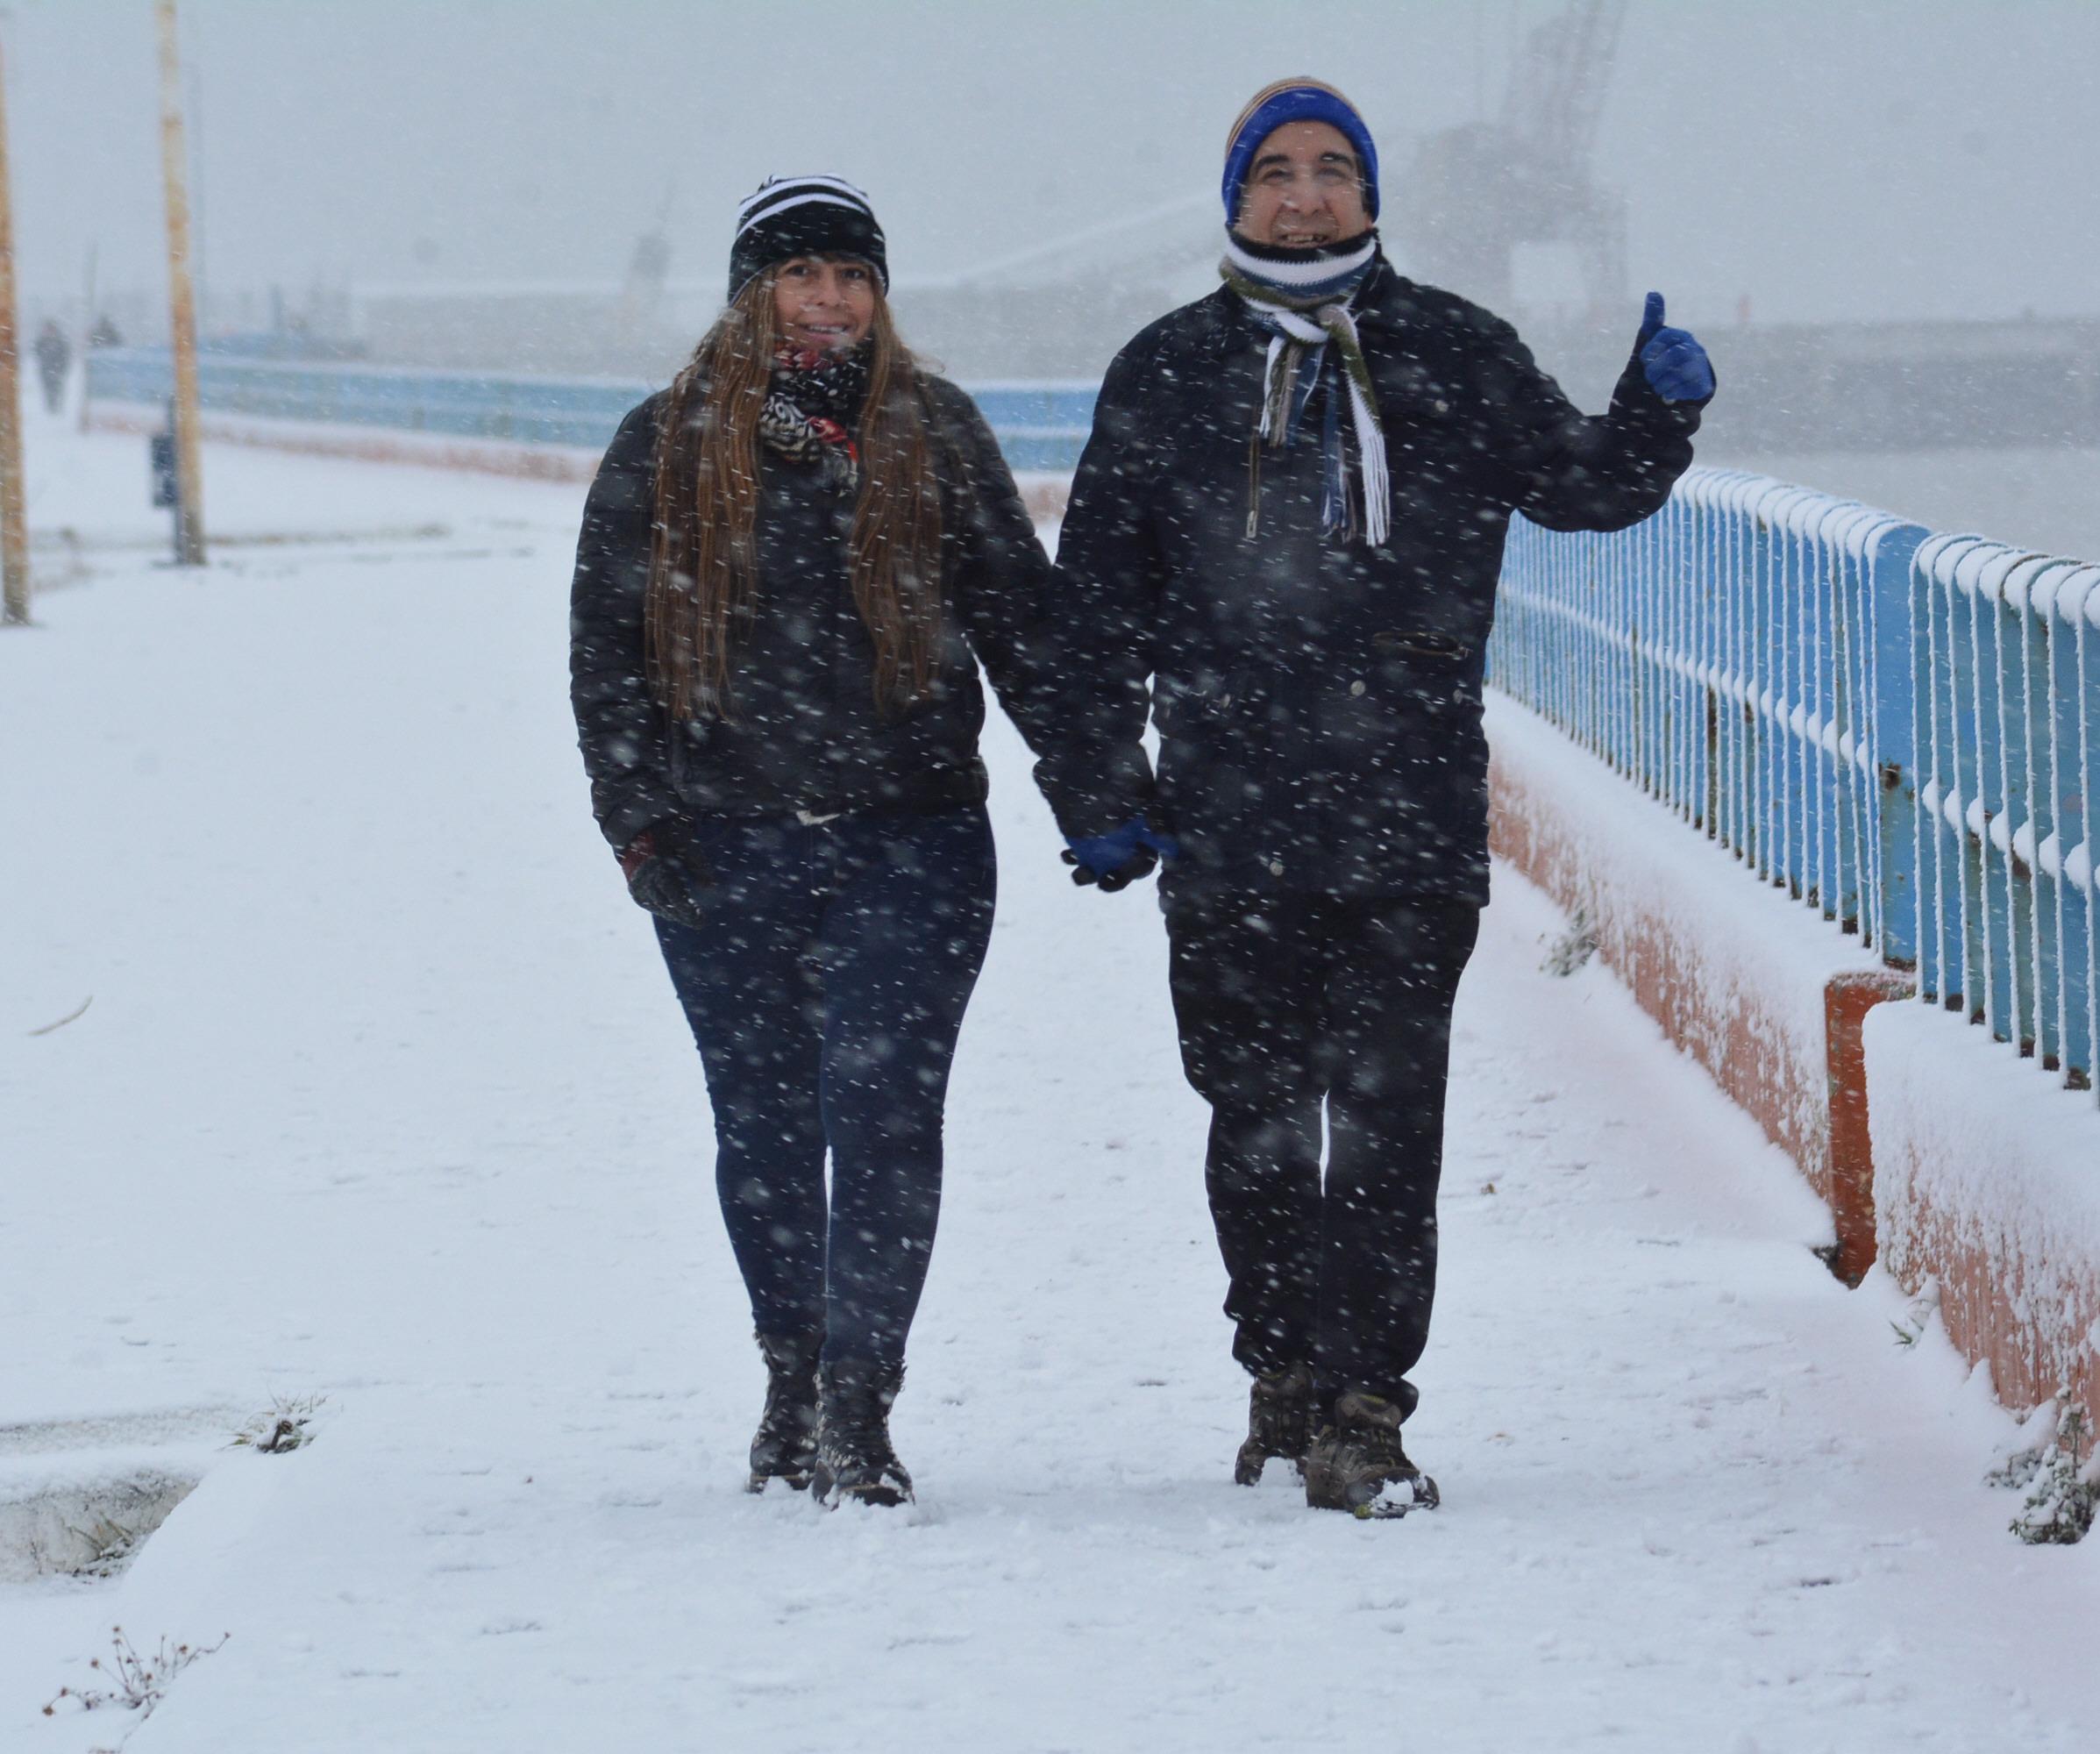 La nieve no fue impedimento para la tradicional caminata. FOTO: JOSÉ SILVA